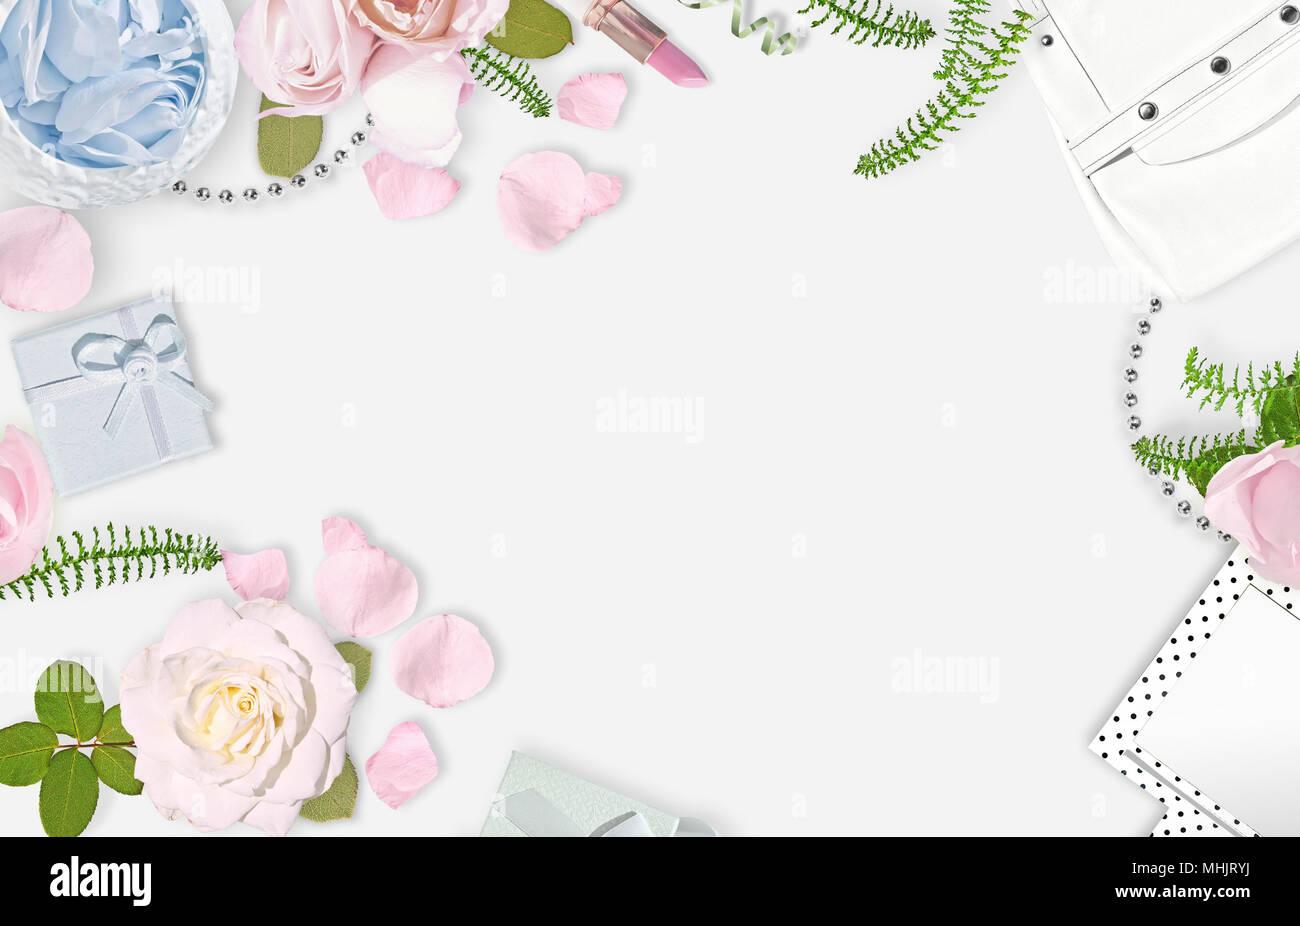 Blanco de fondo femenino. Sentar planas. Rosas rosas, espejo, bolsa blanca. Lugar para el texto. Alegre mente cada día. Día de la madre Imagen De Stock